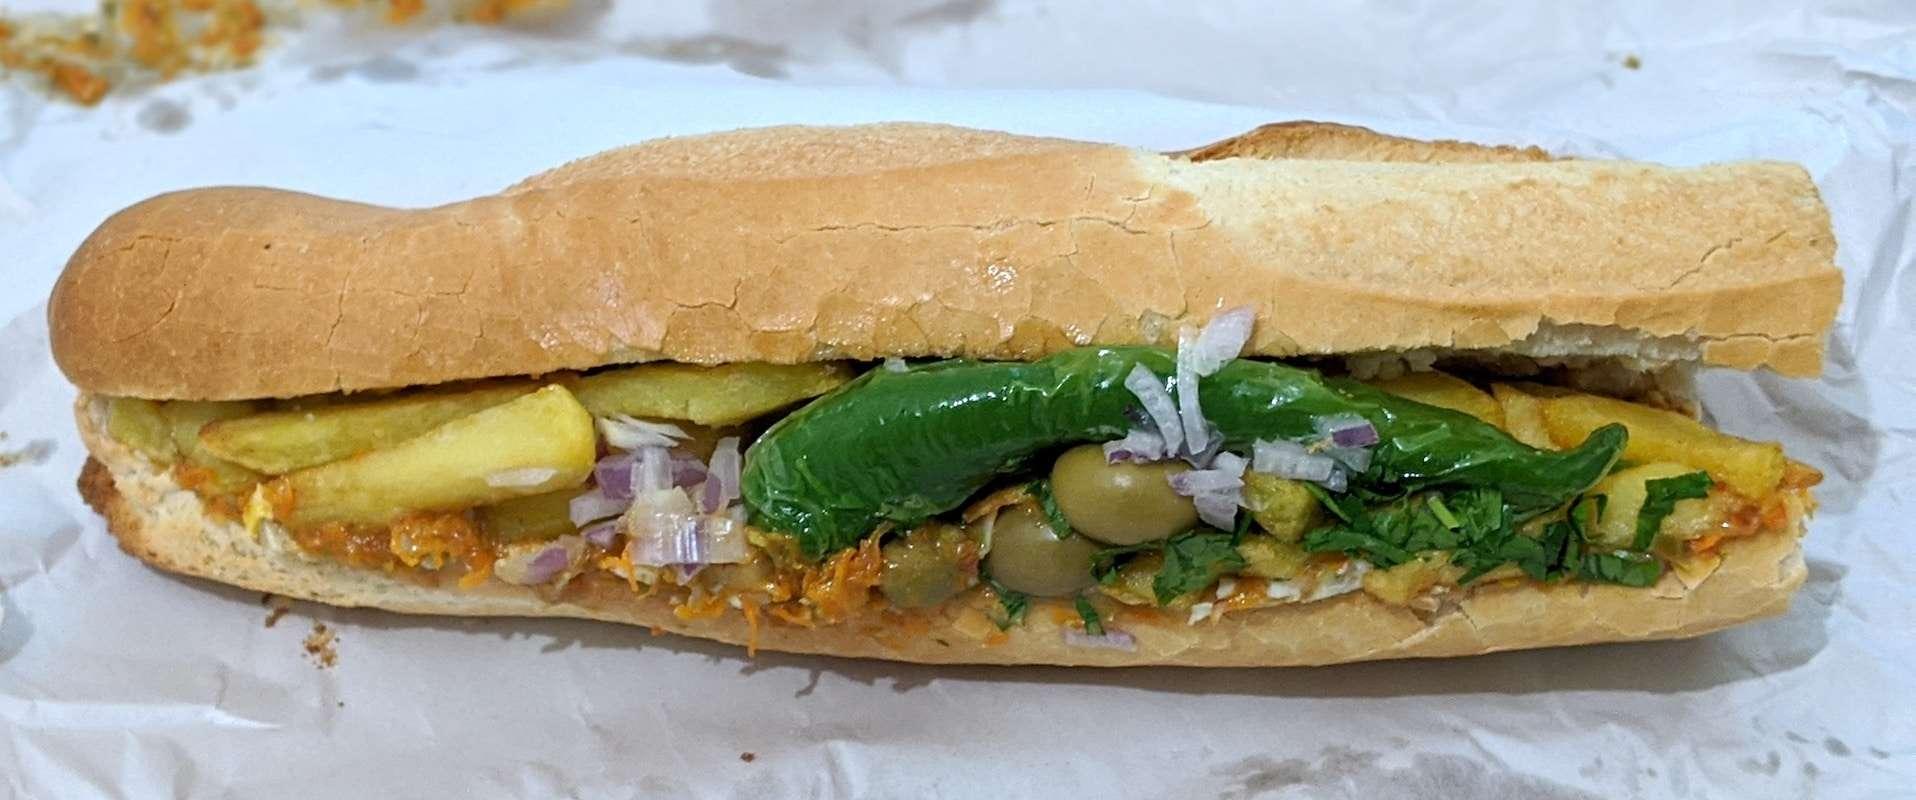 Kaftheji sandwich